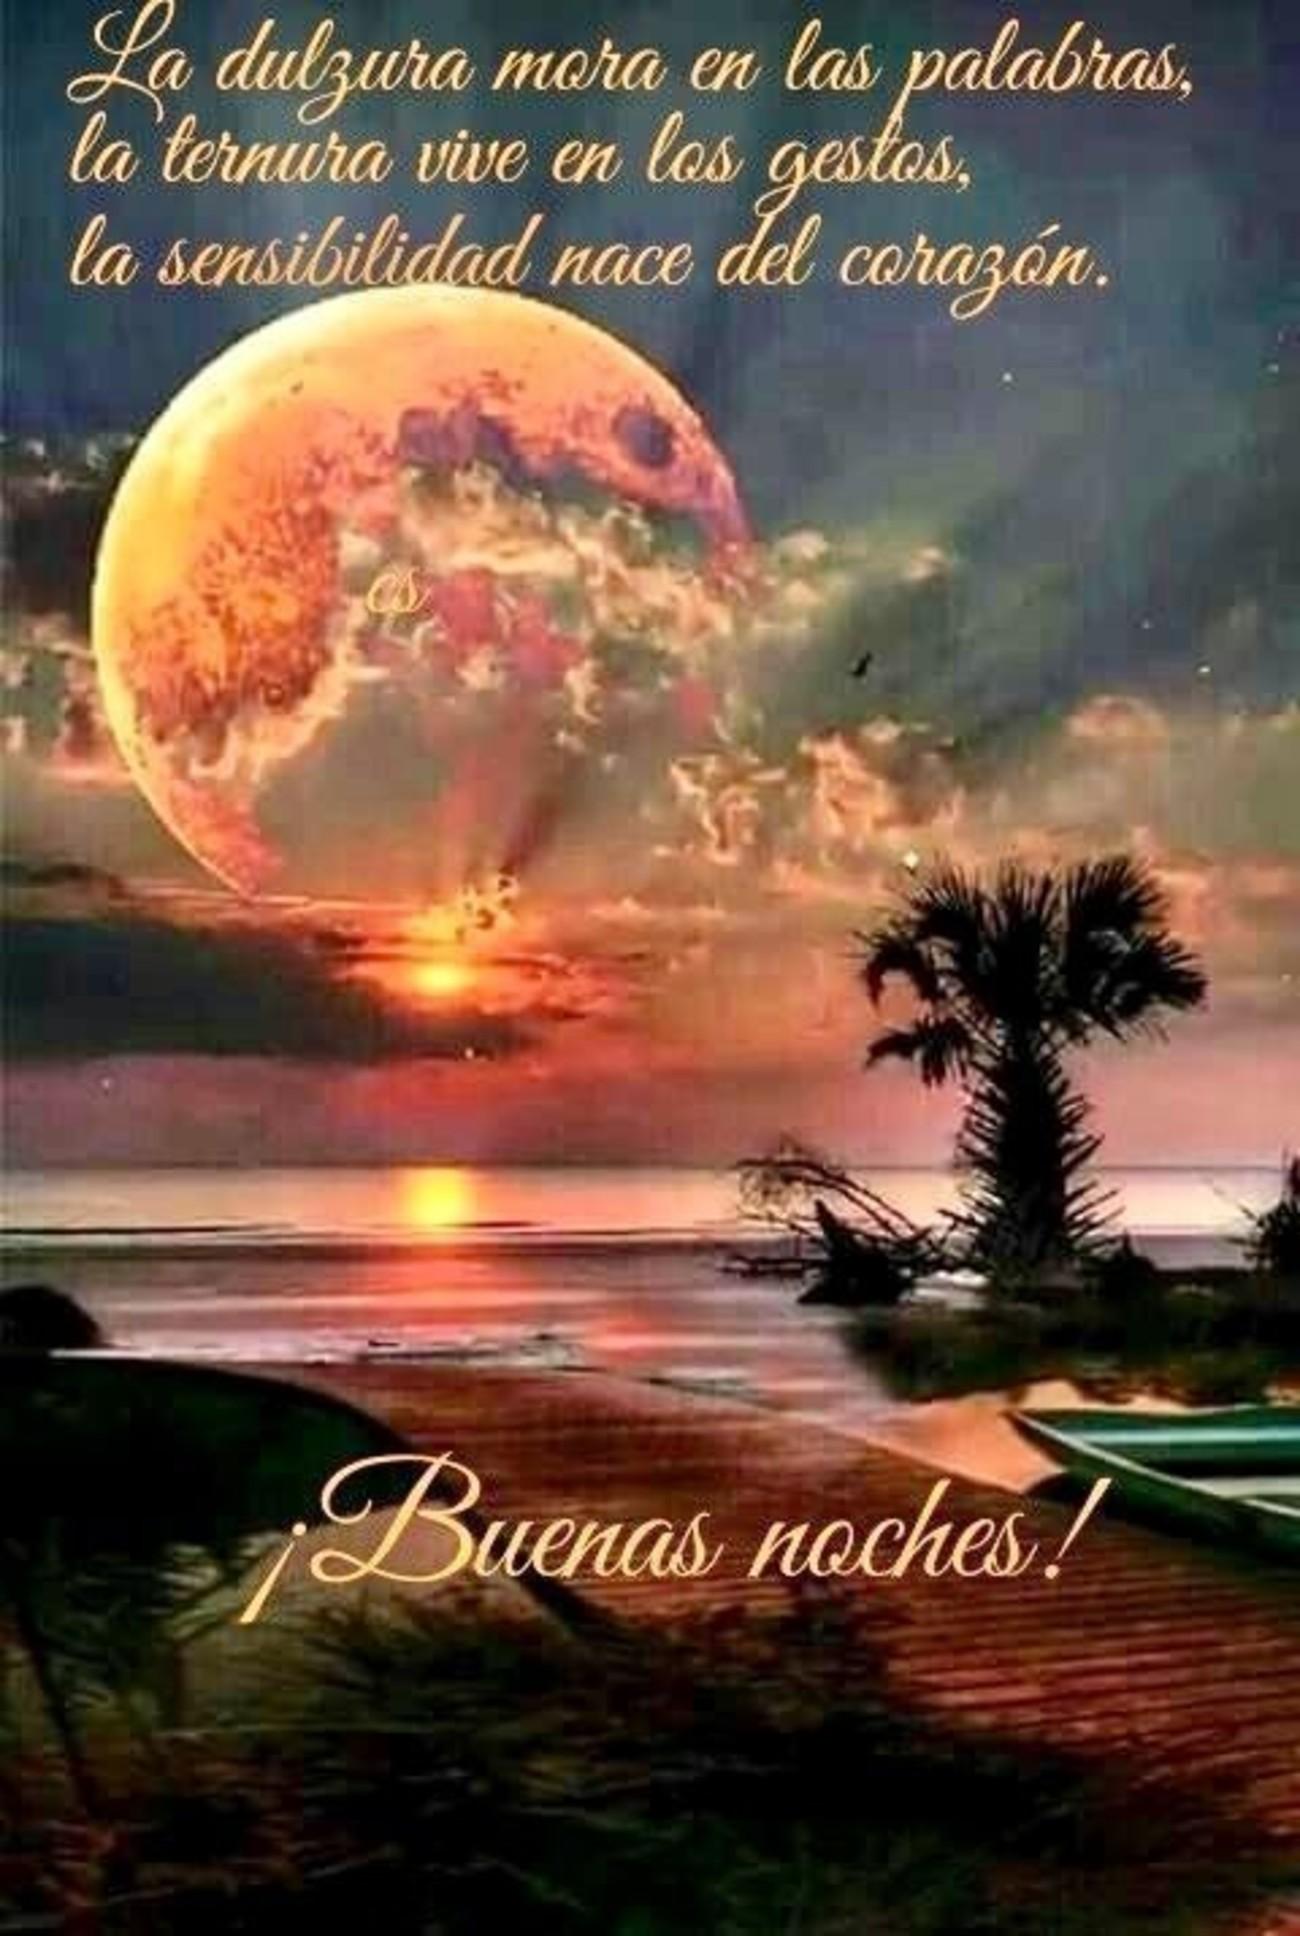 Imagen de buenas noches dulces nuevas